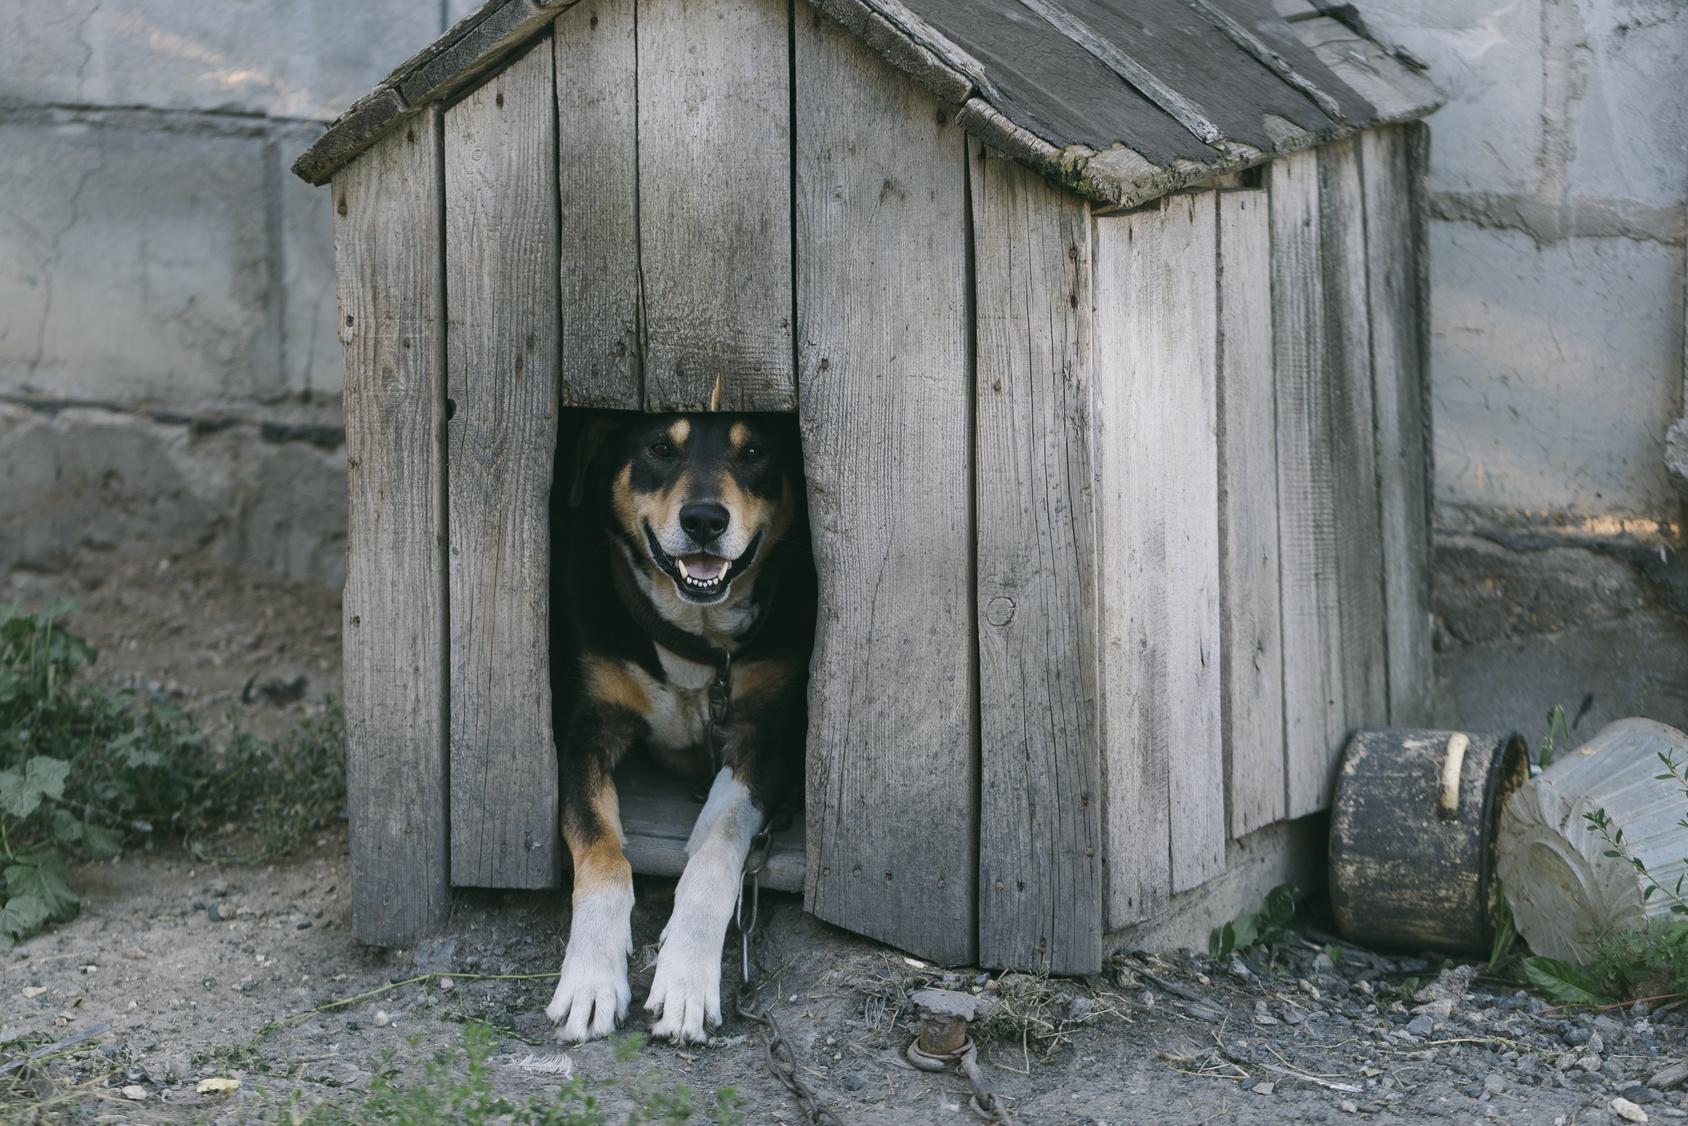 犬も幸せ&ご近所さんにも迷惑ゼロへ!外飼いの犬のしつけのポイント